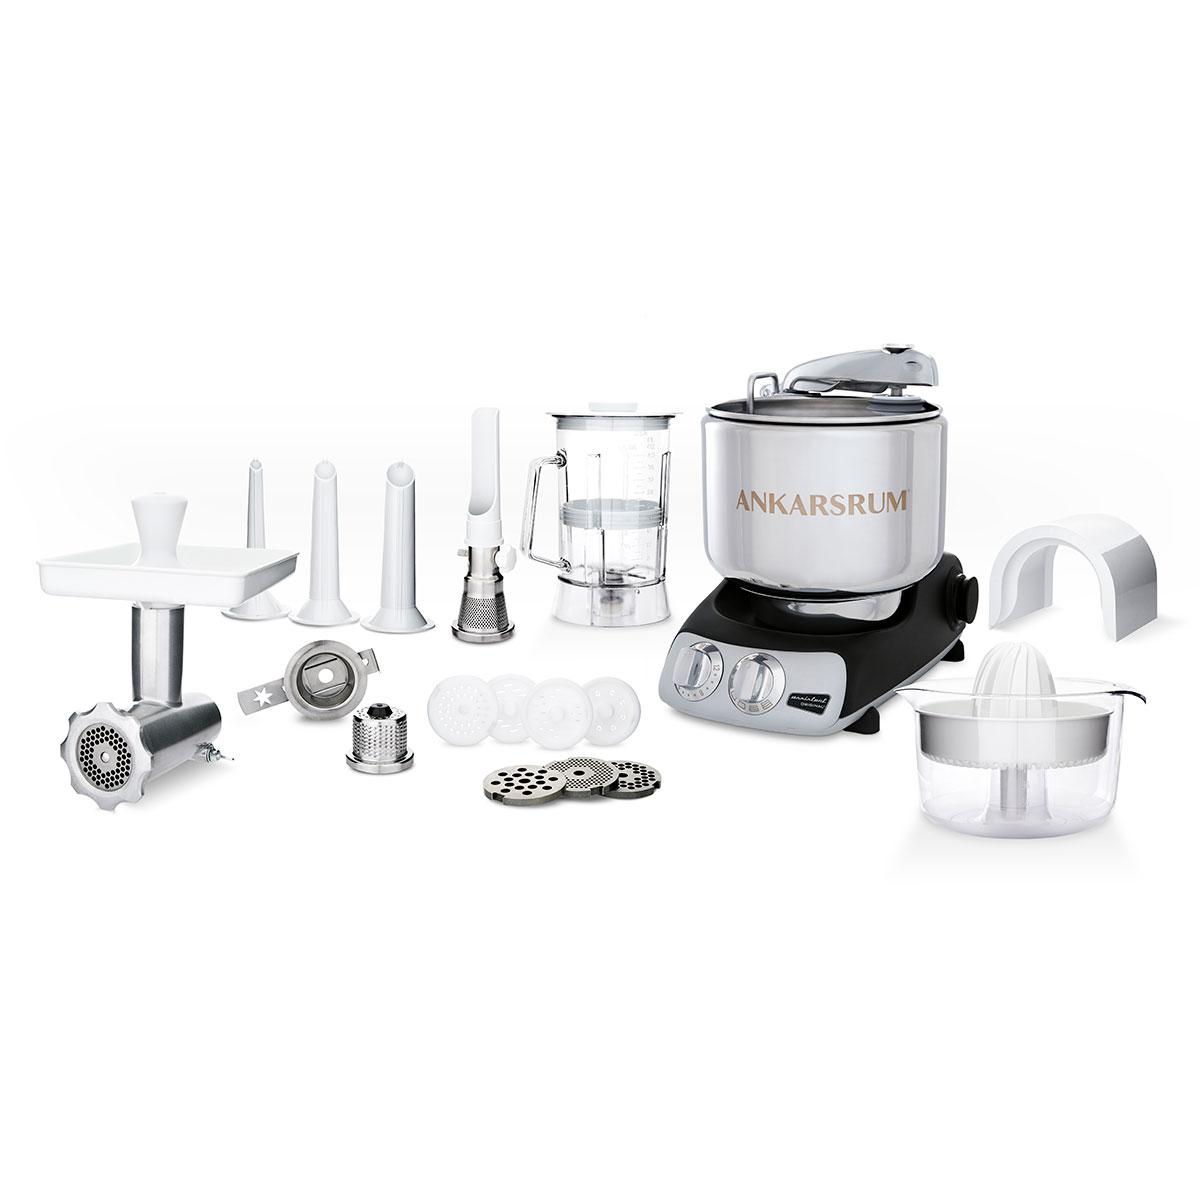 Image of   Ankarsrum køkkenmaskine 6290Bdeluxe - Matsort